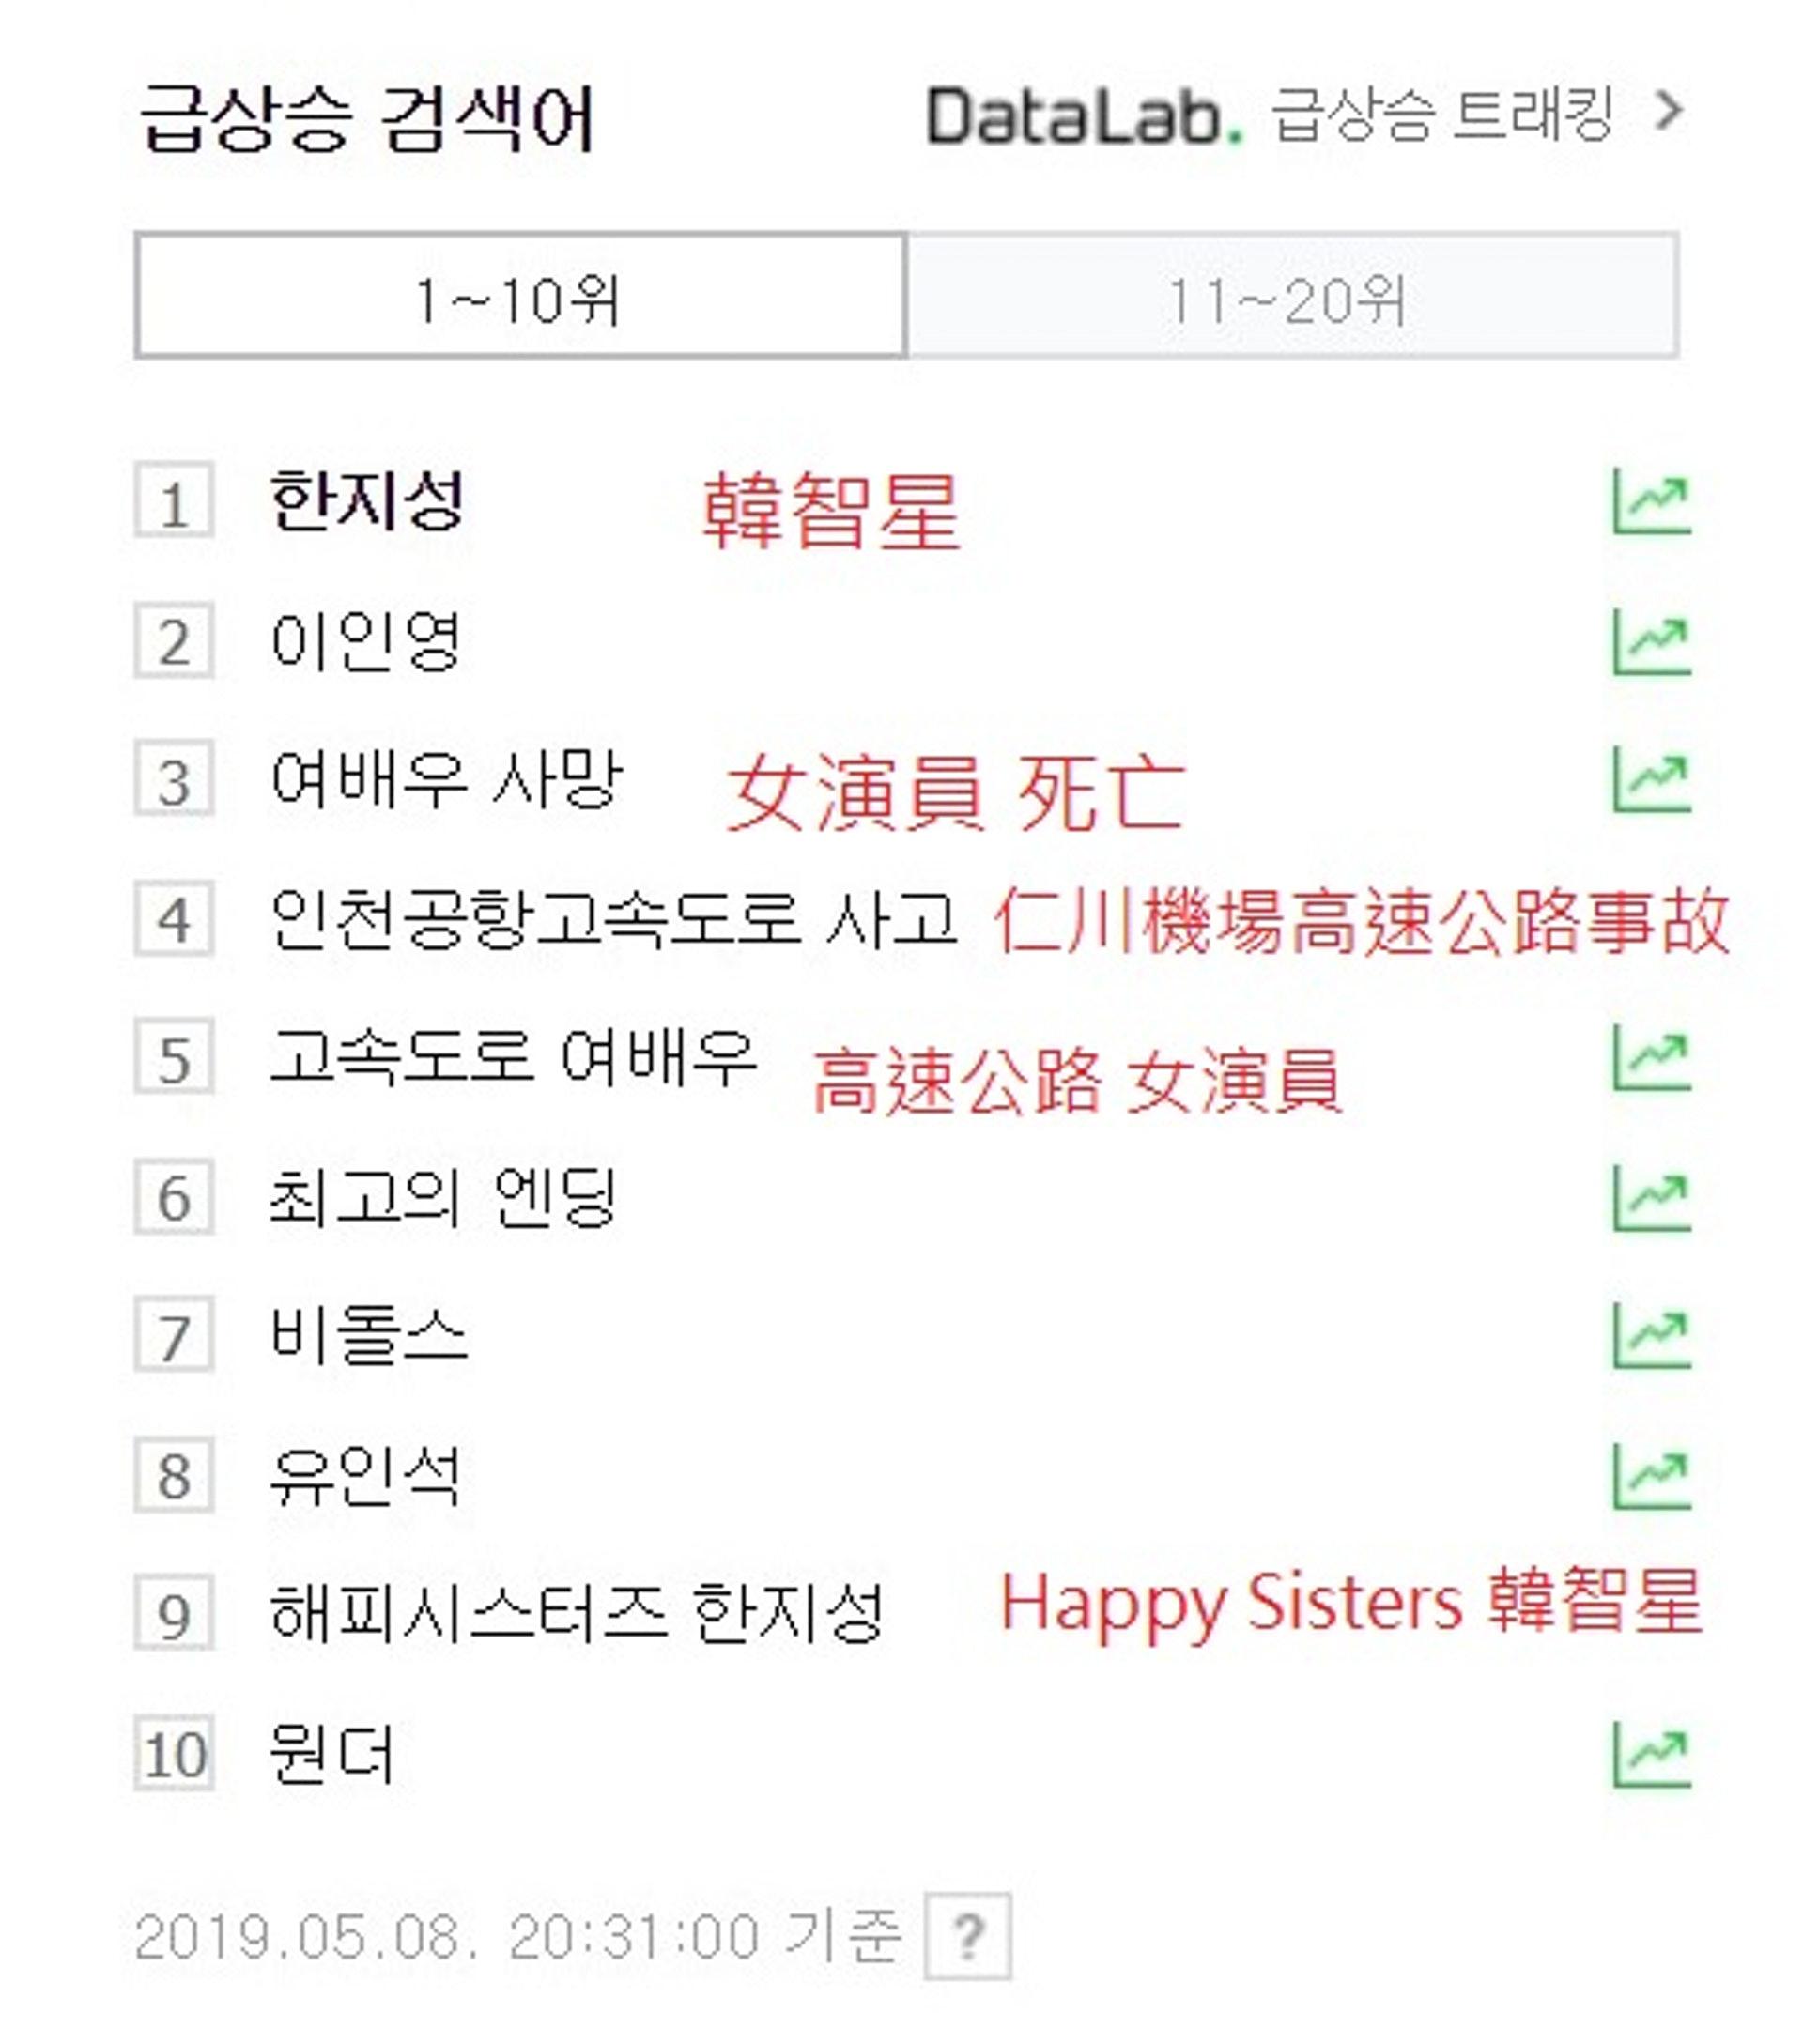 韓國網站Naver實時搜尋榜十大幾乎被韓智星佔據。(網上截圖)